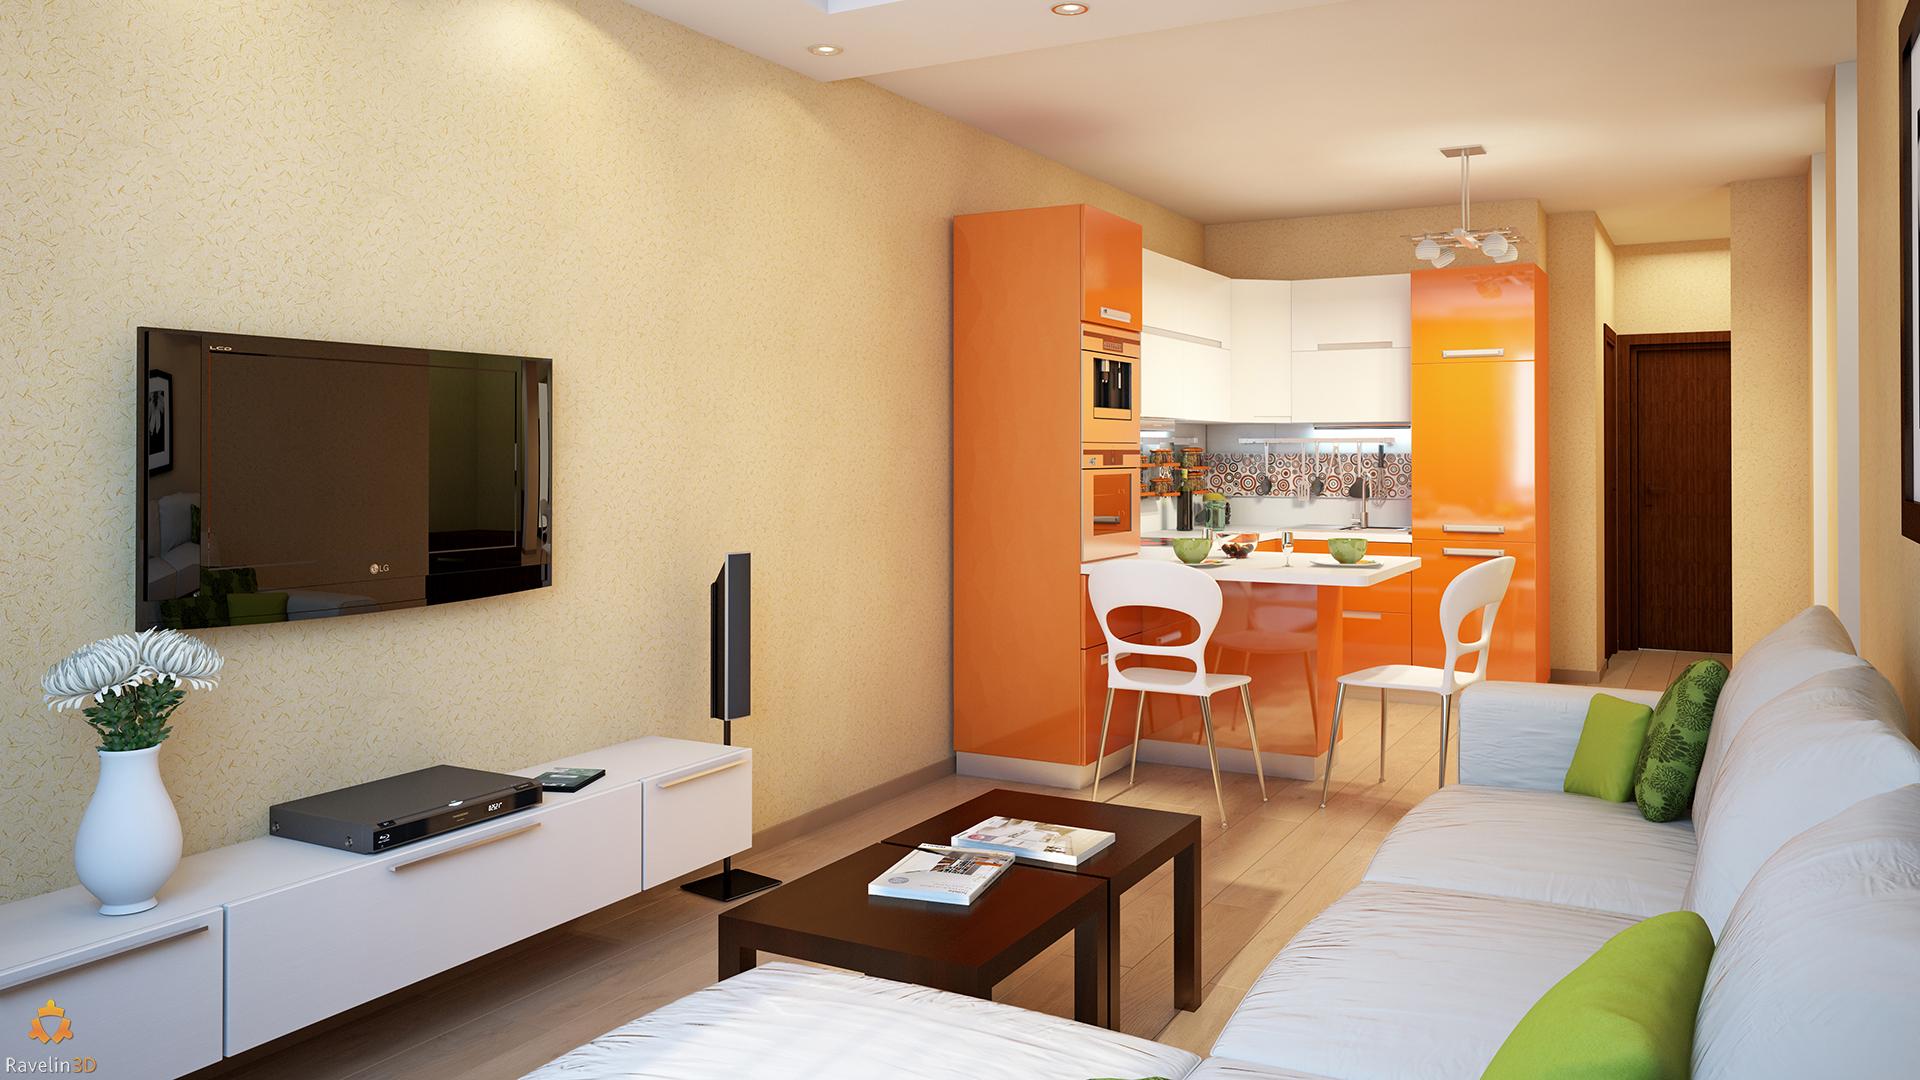 теплое время кухня 16 кв м Москве